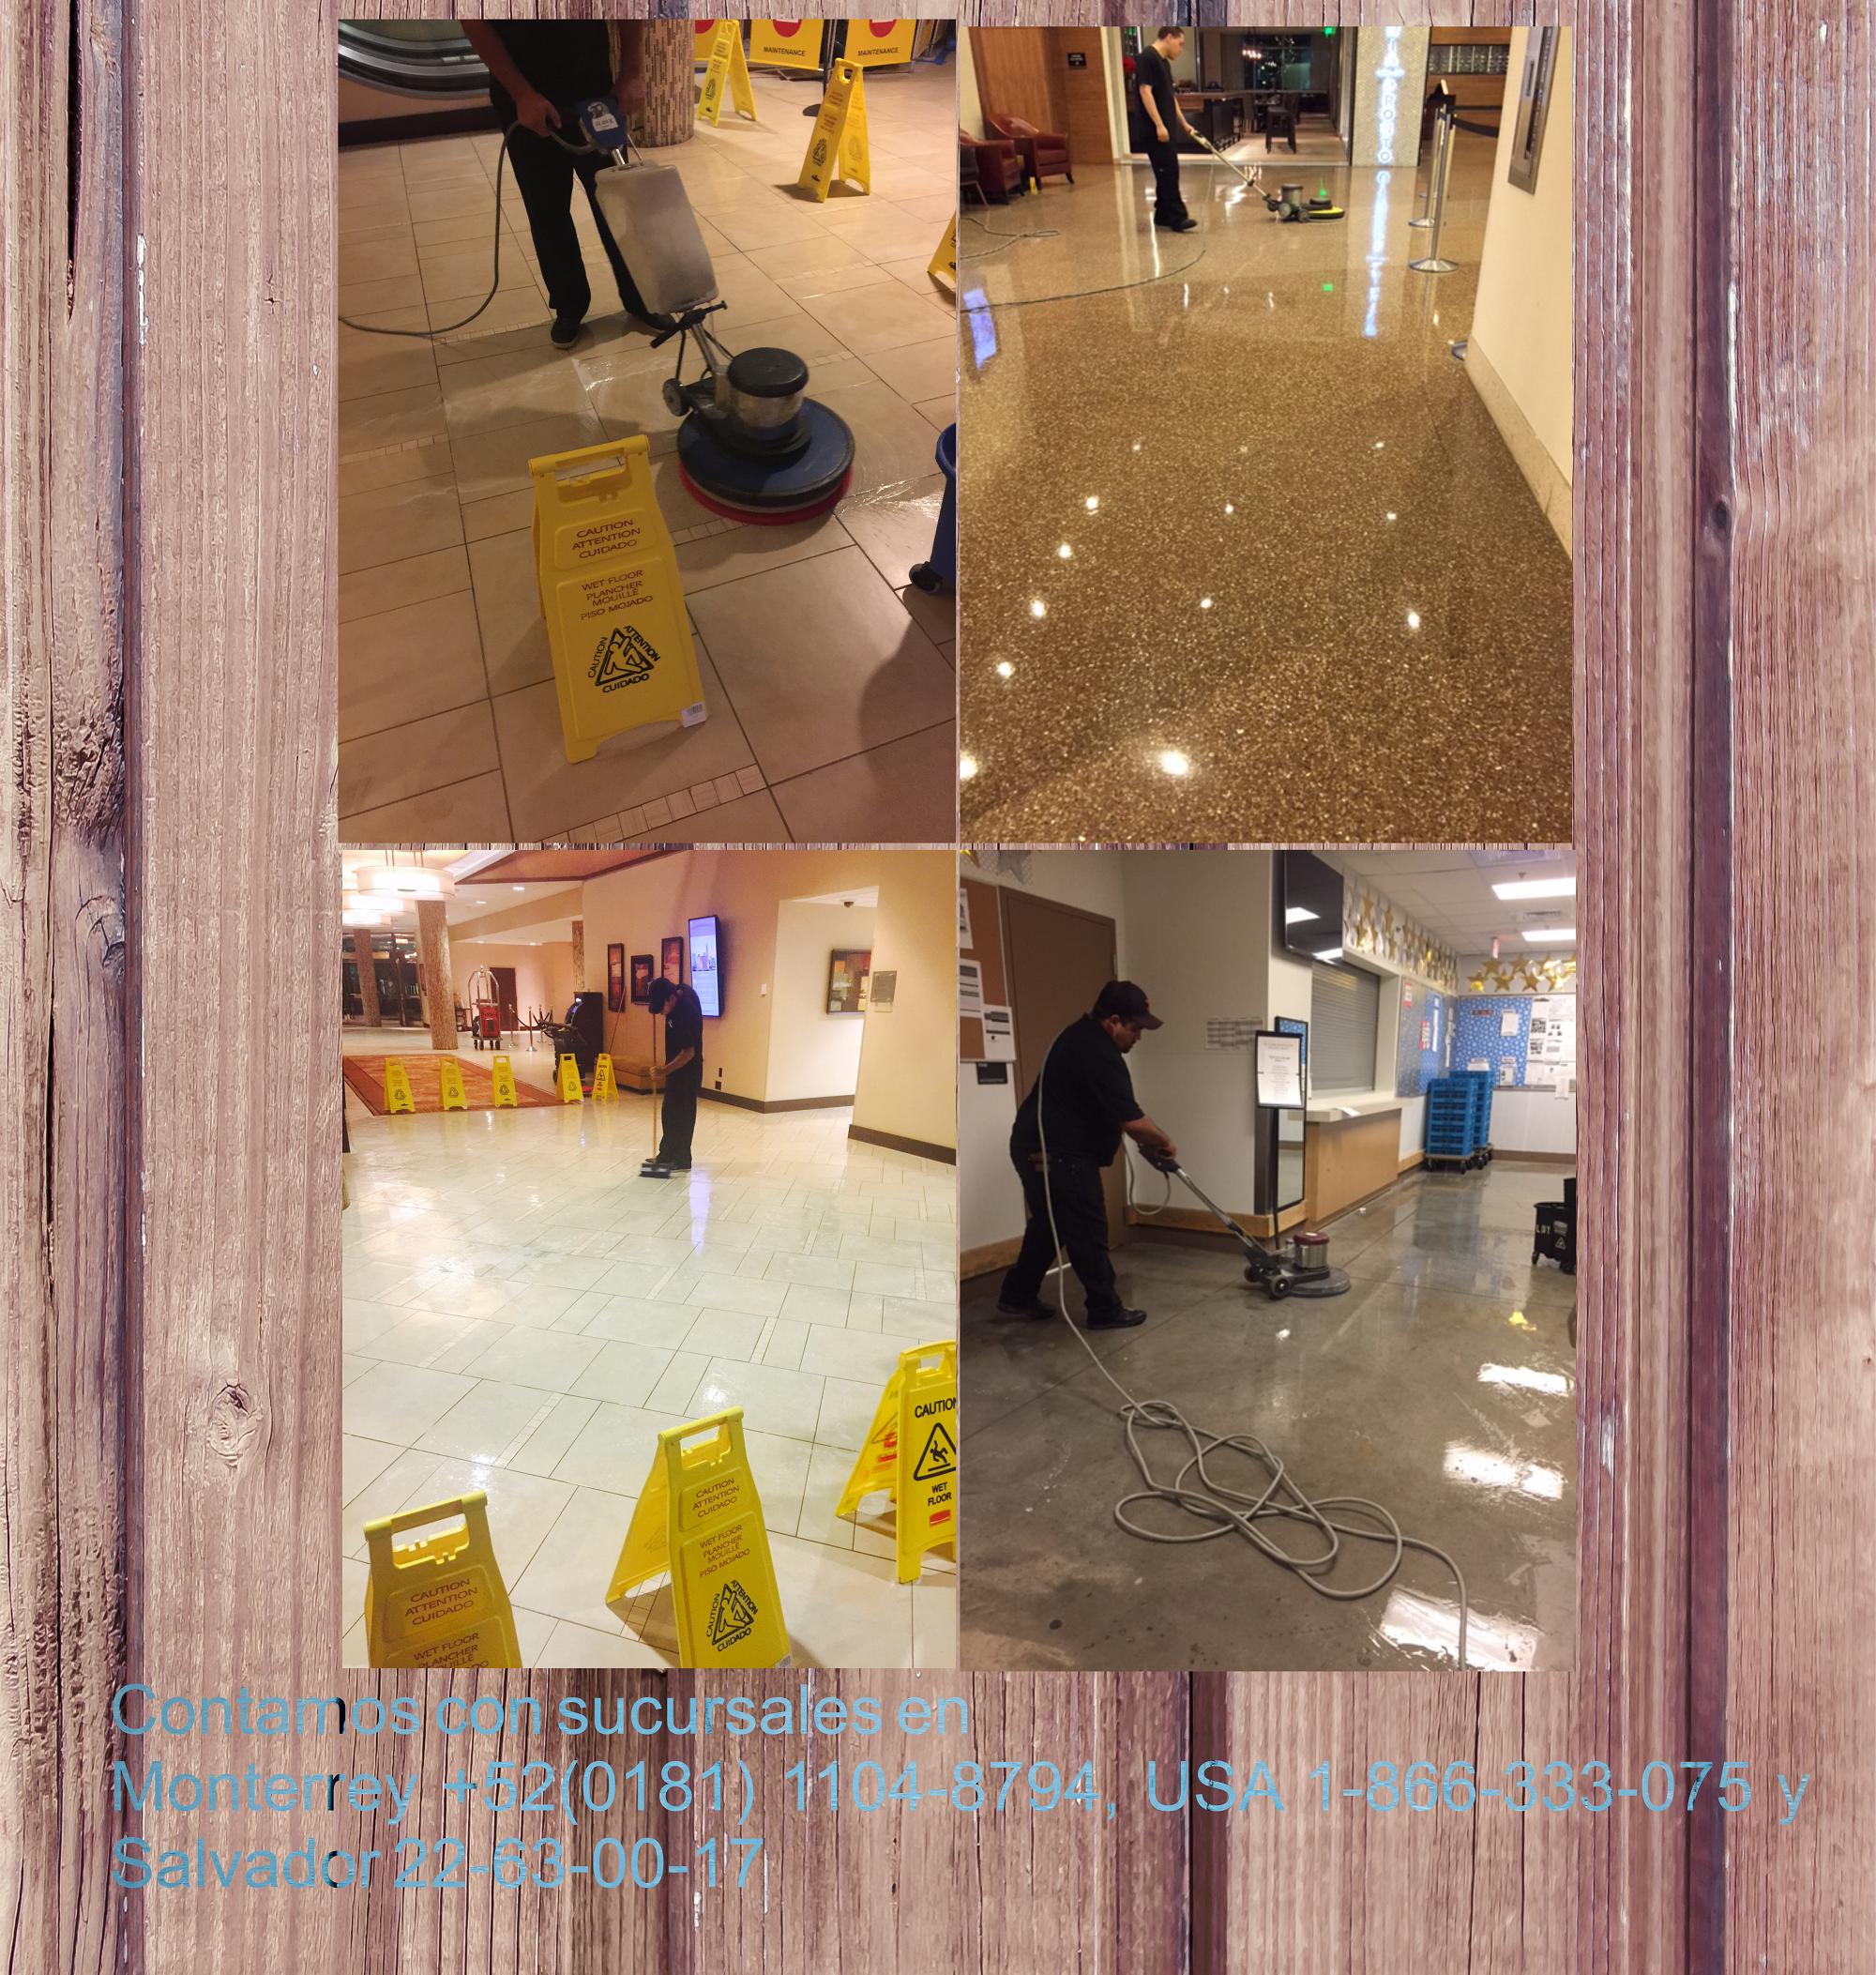 Contamos con servicios de: - Cuidado de piso mármol, granito y cerámicos - Mantenimiento, lavado y abrillantado de pisos - Lavado de alfombras - Lavado de tapicería - Mantenimiento en pisos madera - Limpieza y desinfección detallada de regaderas y baños - Servicios de Post-Construcción - Limpieza en Cristales (Altura máximo 8 metros) - Servicios para eventos especiales - Servicios Limpieza de emergencia  Contamos con sucursales en Monterrey +52(0181) 1104-8794, USA 1-866-333-075 y Salvador…